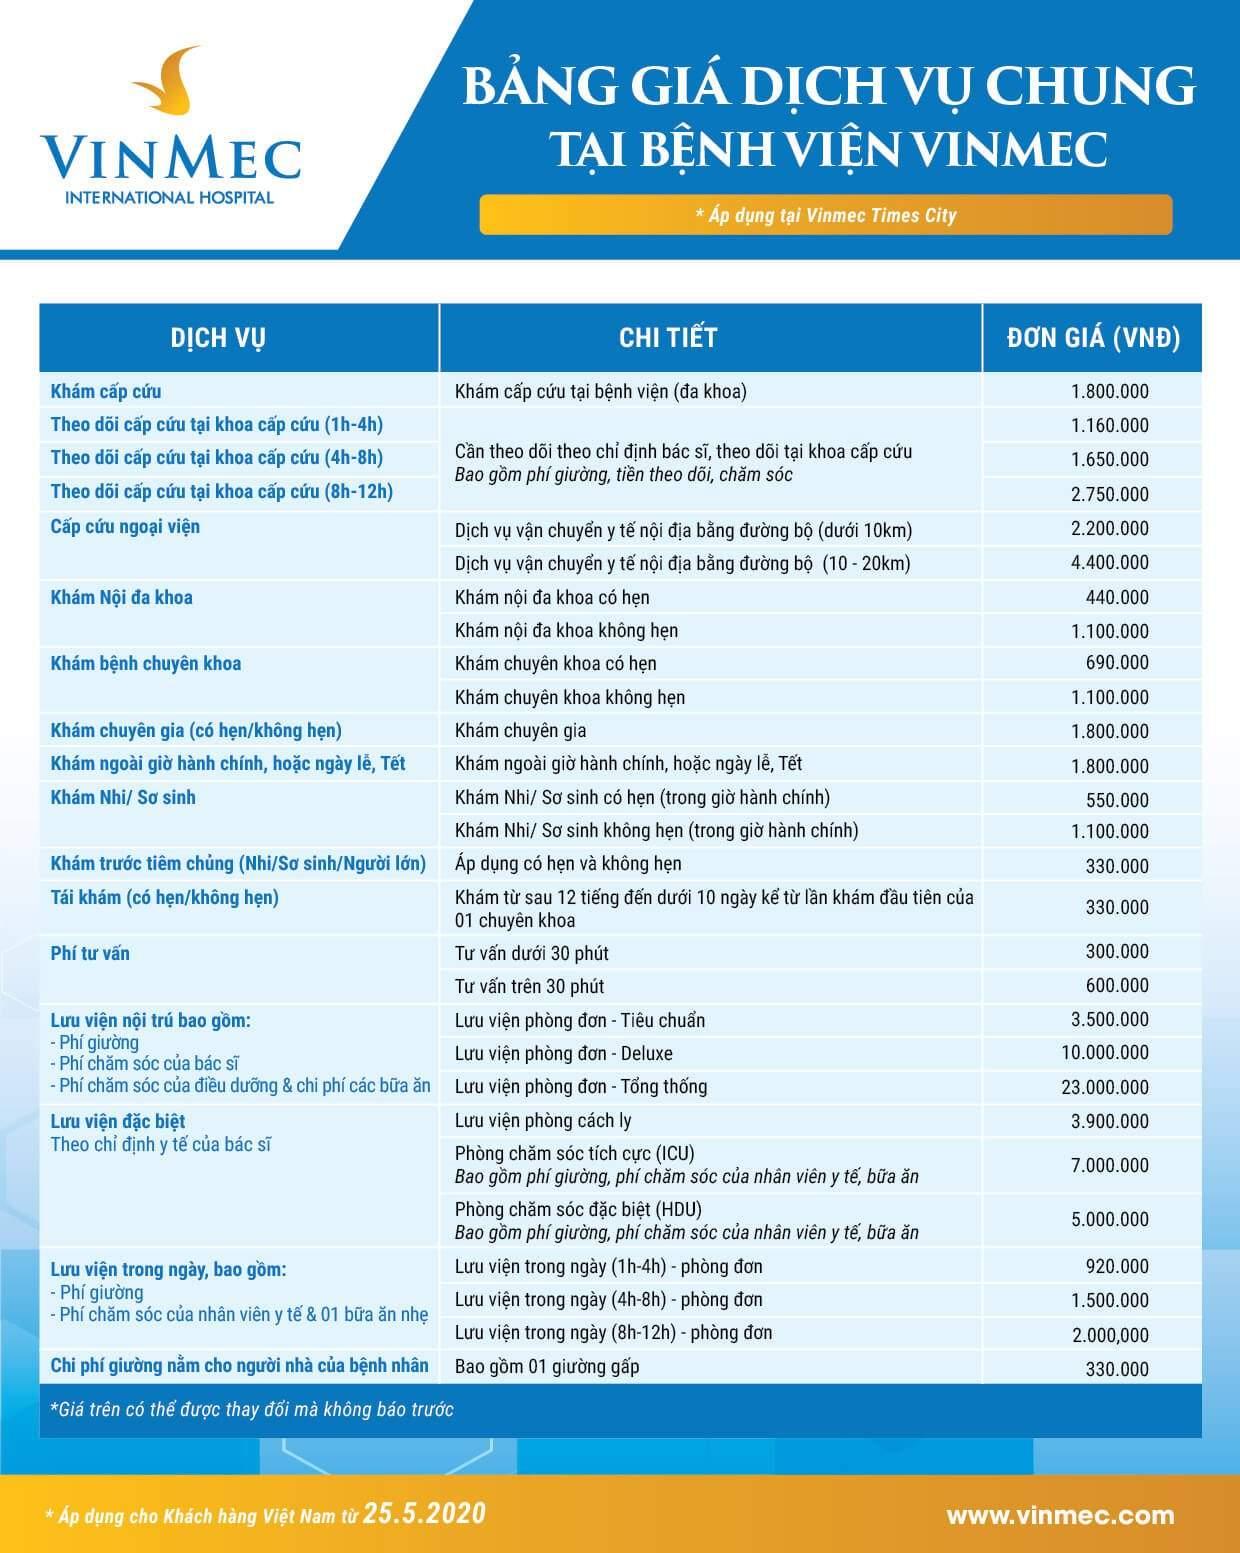 Bảng giá dịch vụ chung áp dụng tại Vinmec Times City